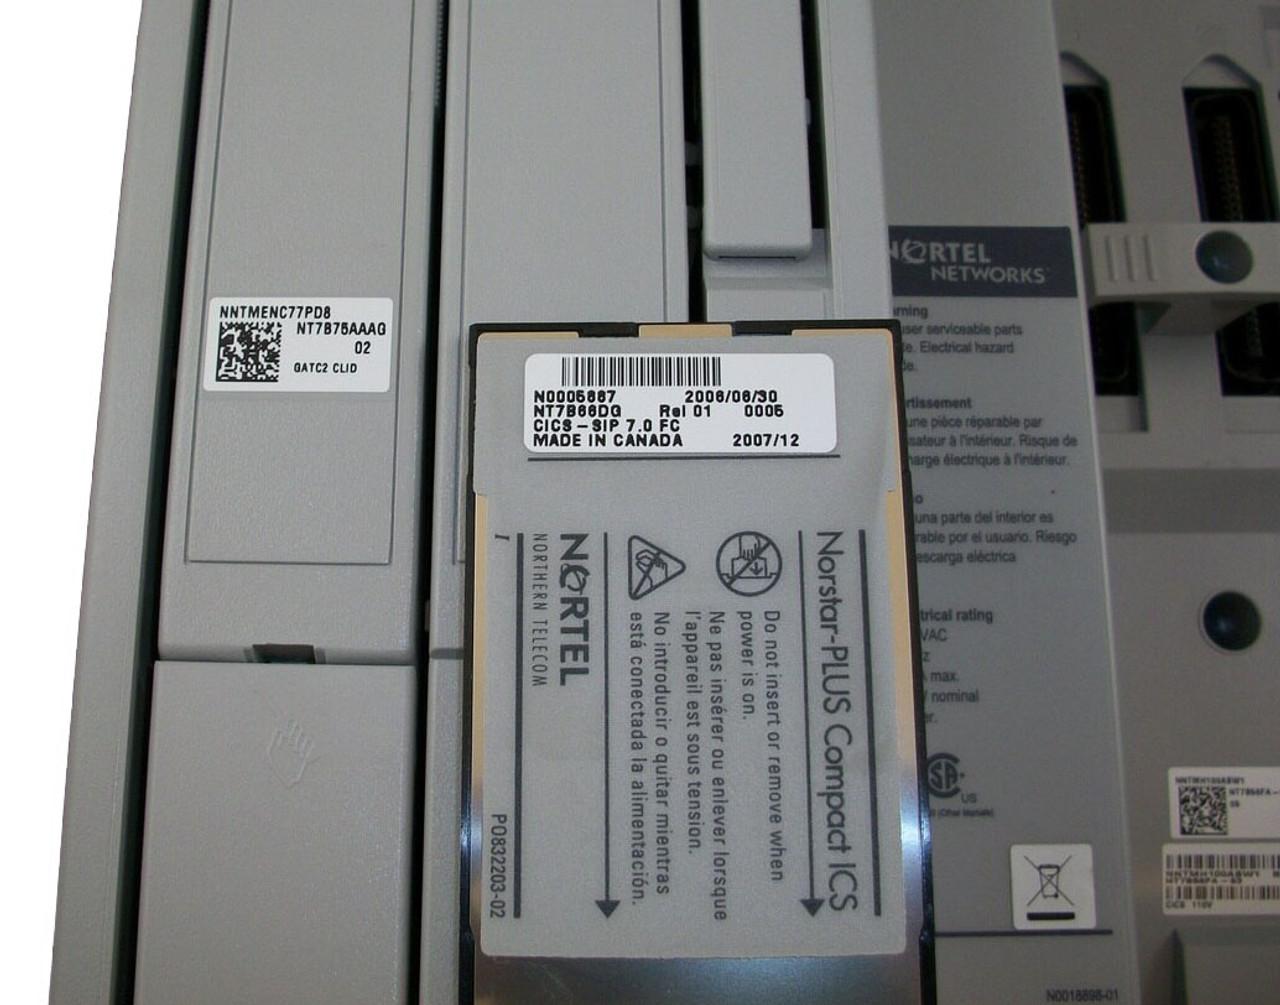 Nortel Norstar Compact ICS NT7B56FA-93